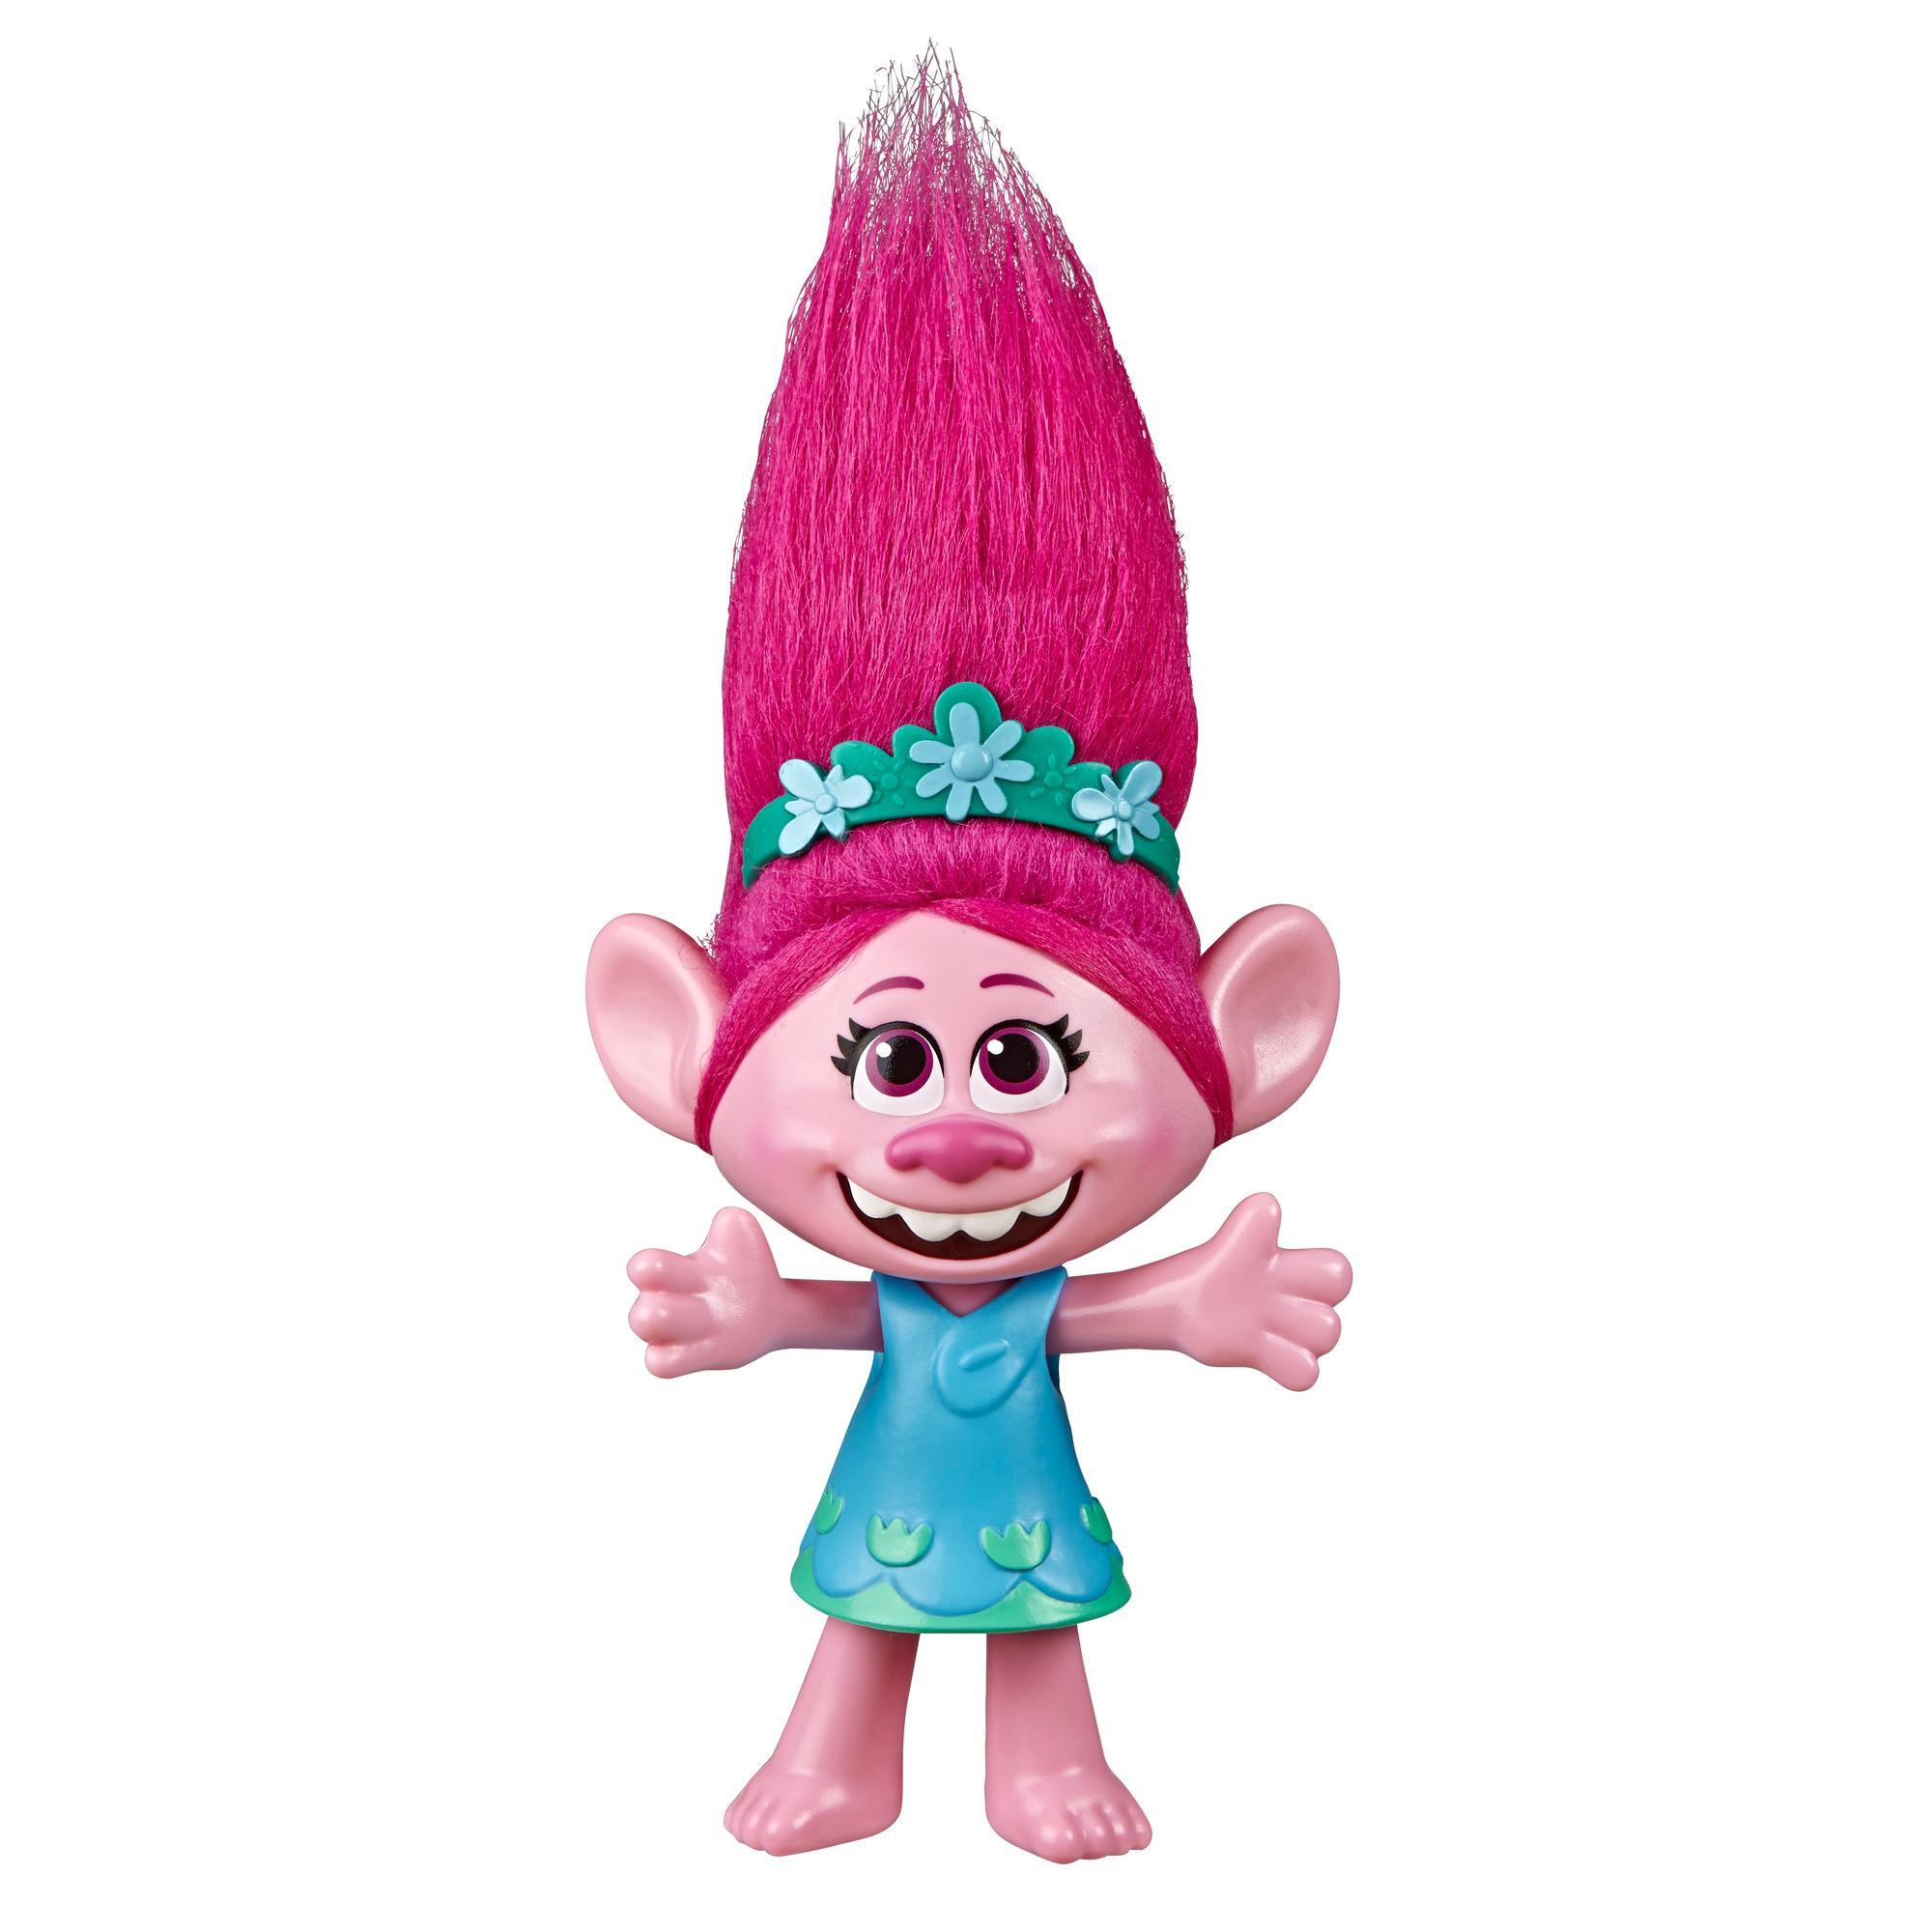 Les Trolls de DreamWorks, Poppy chanteuse pop, poupée chantante, chante «Trolls Just Want to Have Fun», du film Trolls World Tour de DreamWorks